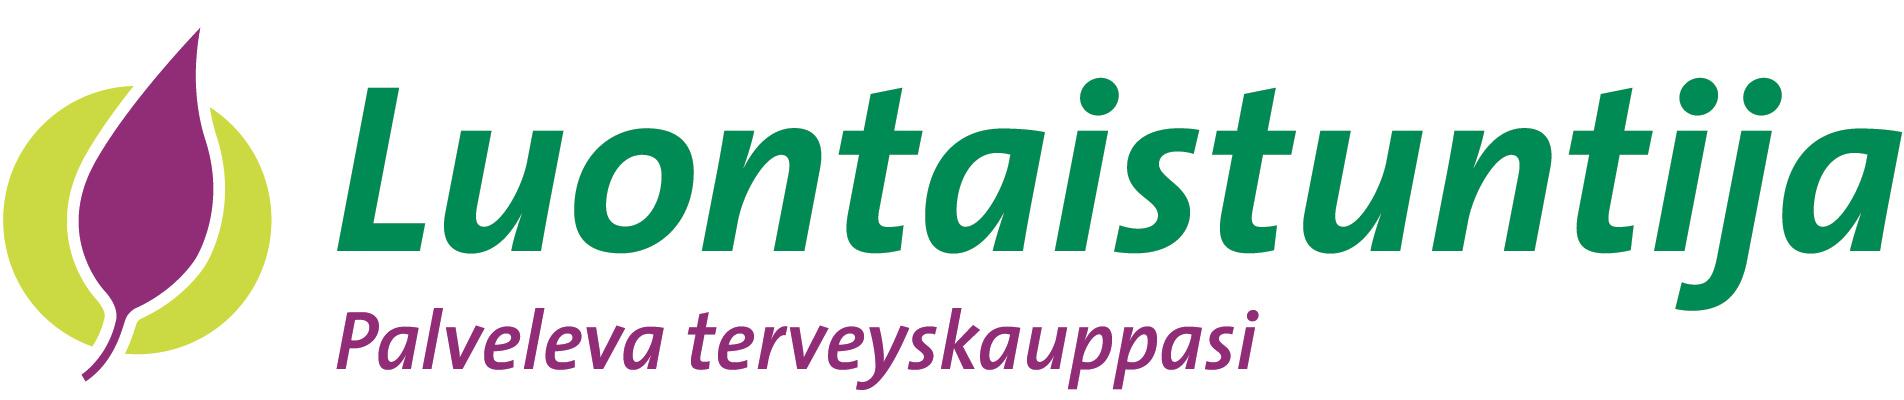 Luontaistuntija - Palveleva Terveyskauppasi logo